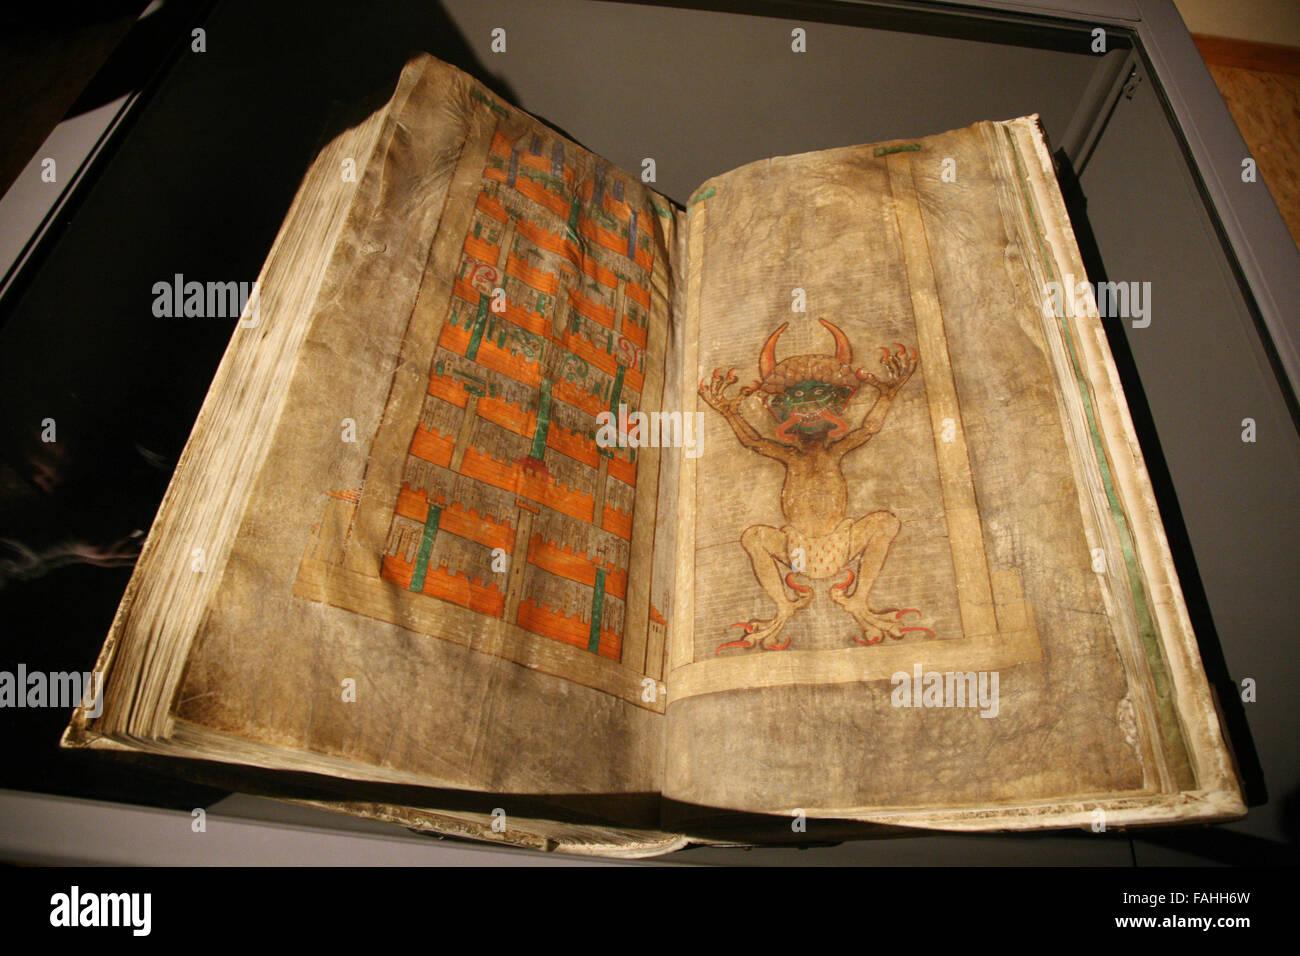 Il più grande manoscritto medievale nel mondo conosciuto come il Codex Gigas o anche come il Diavolo della Immagini Stock